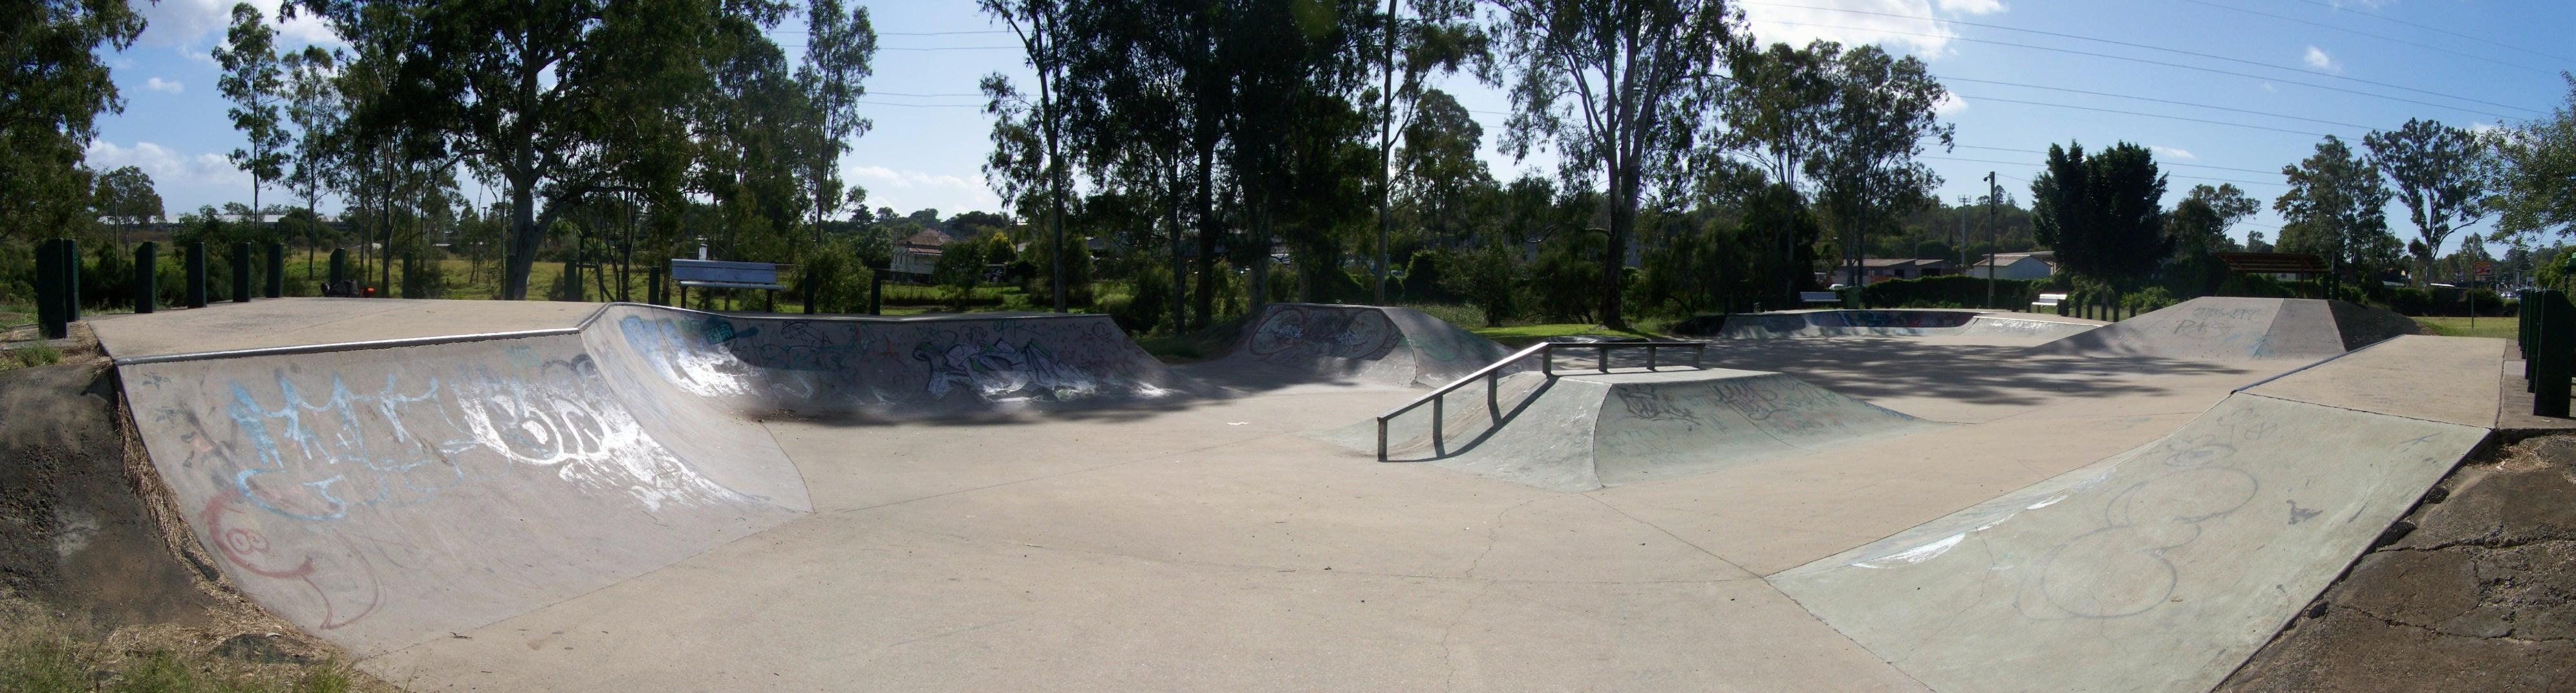 File:Bundamba skate bowl - panoramio (1).jpg - Wikimedia ...